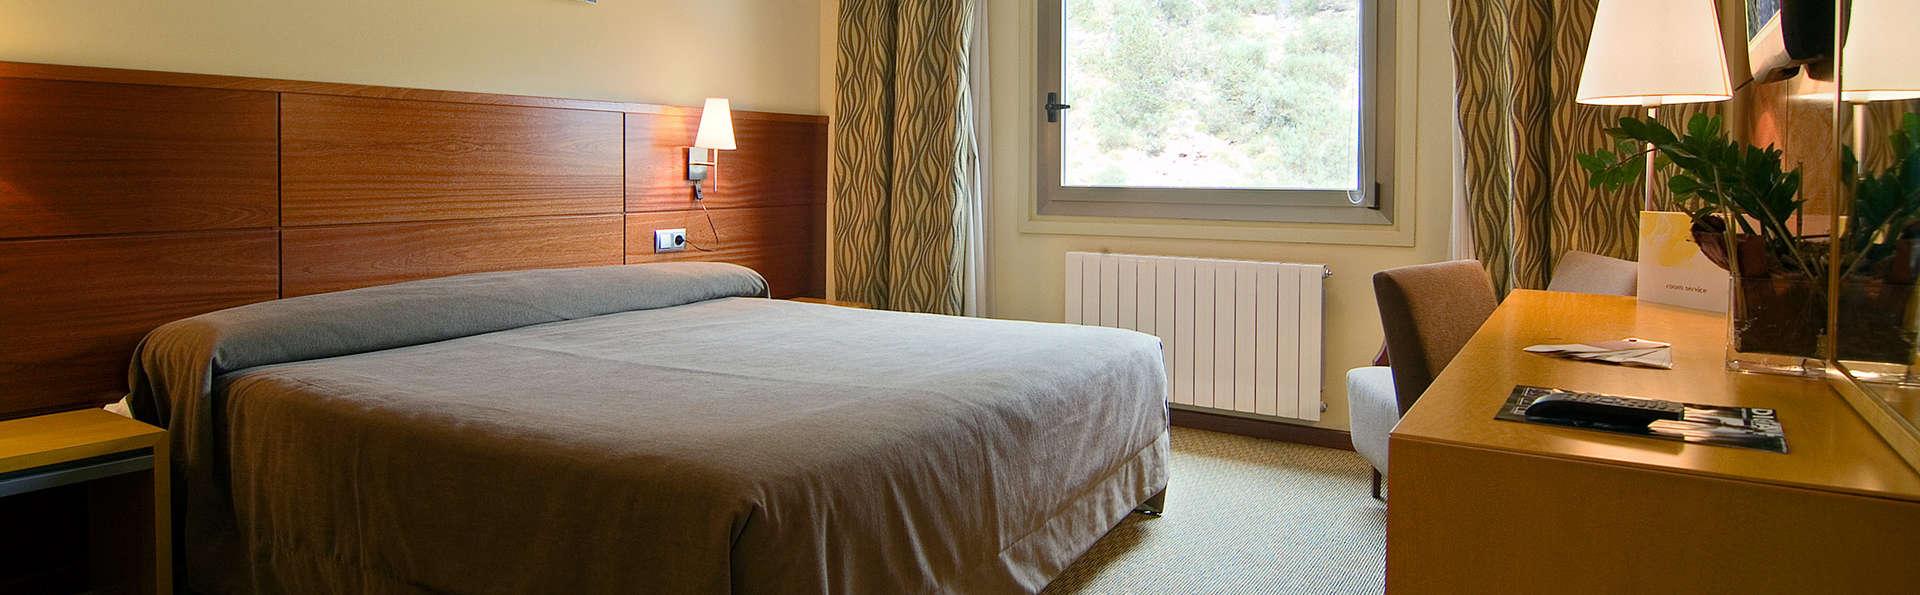 Hotel y Spa Sercotel La Collada - EDIT_room.jpg